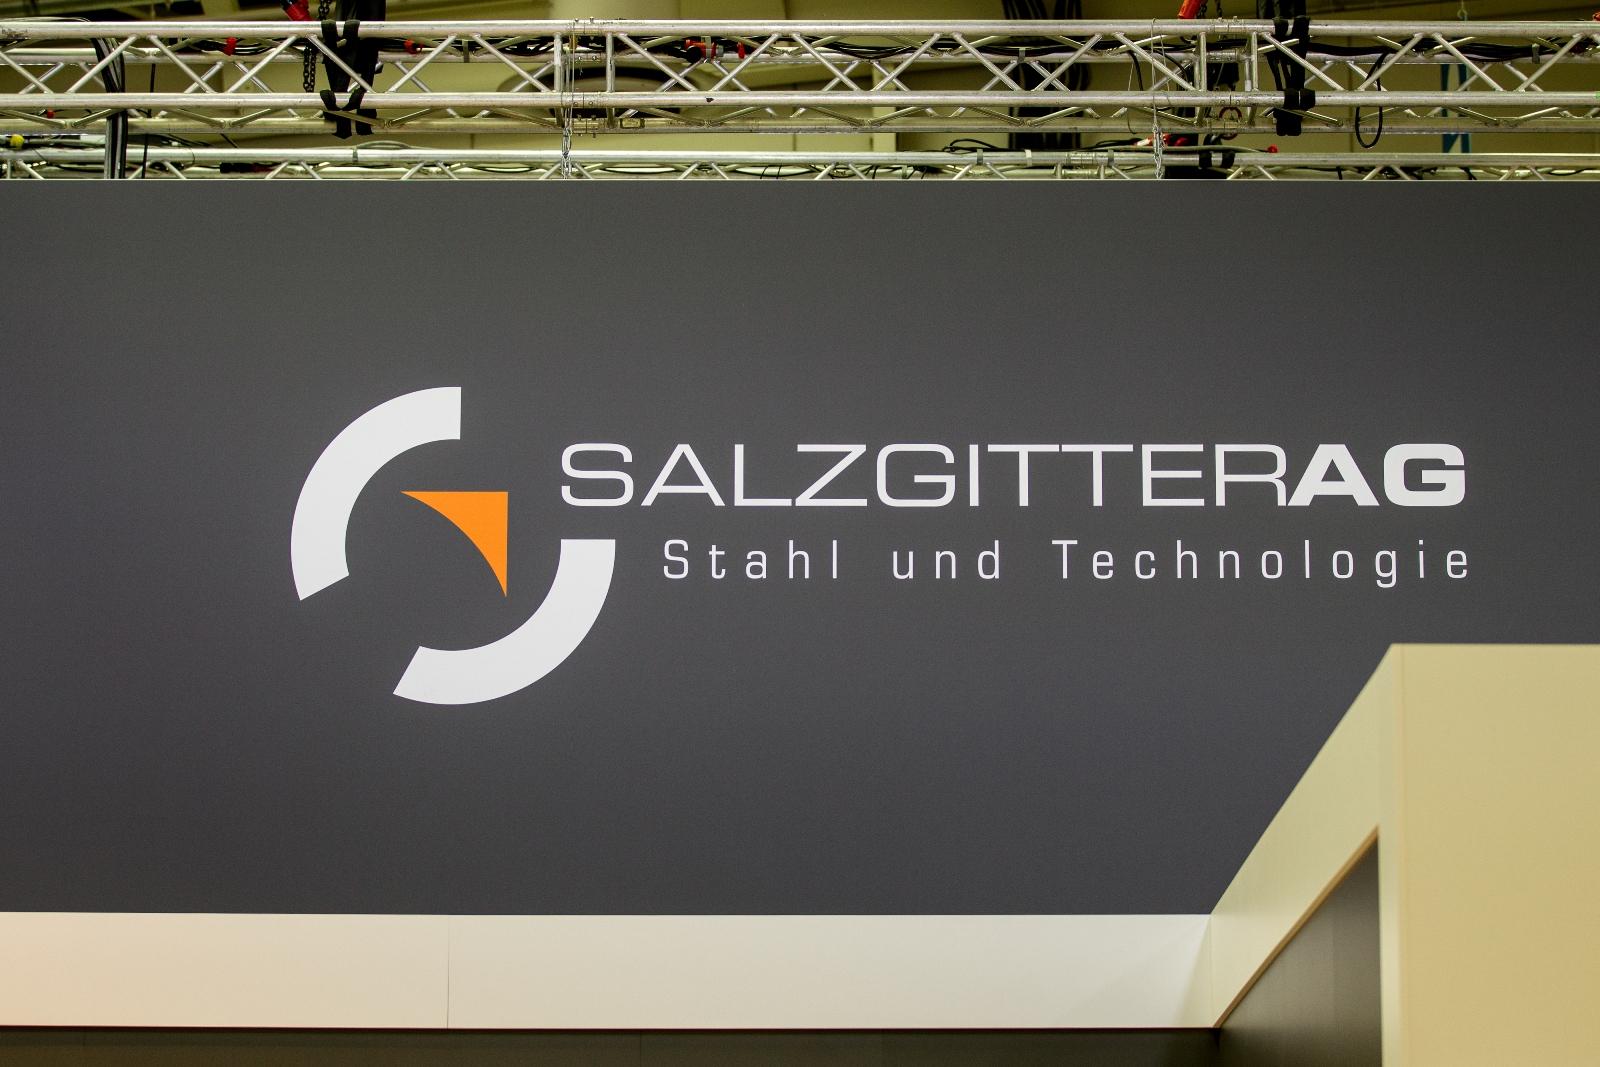 Salzgitter AG